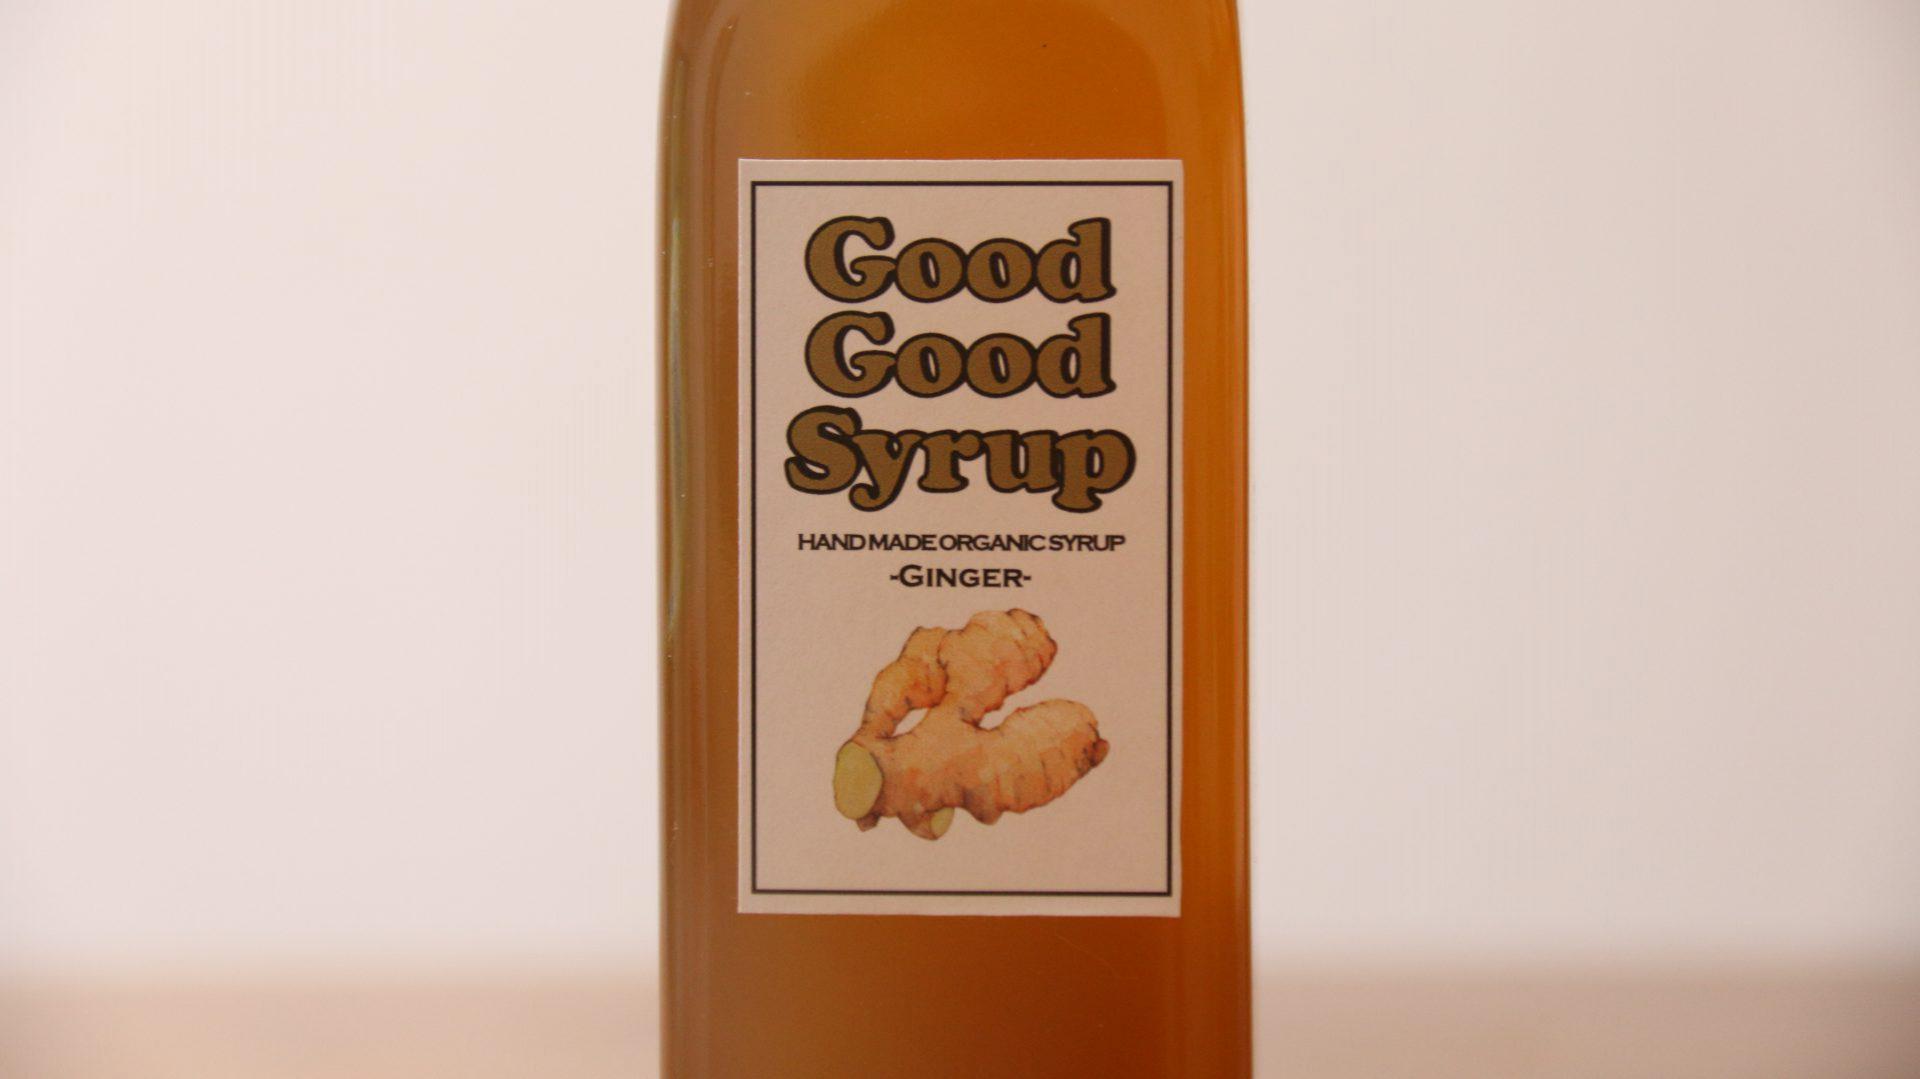 GoodGoodSyrup